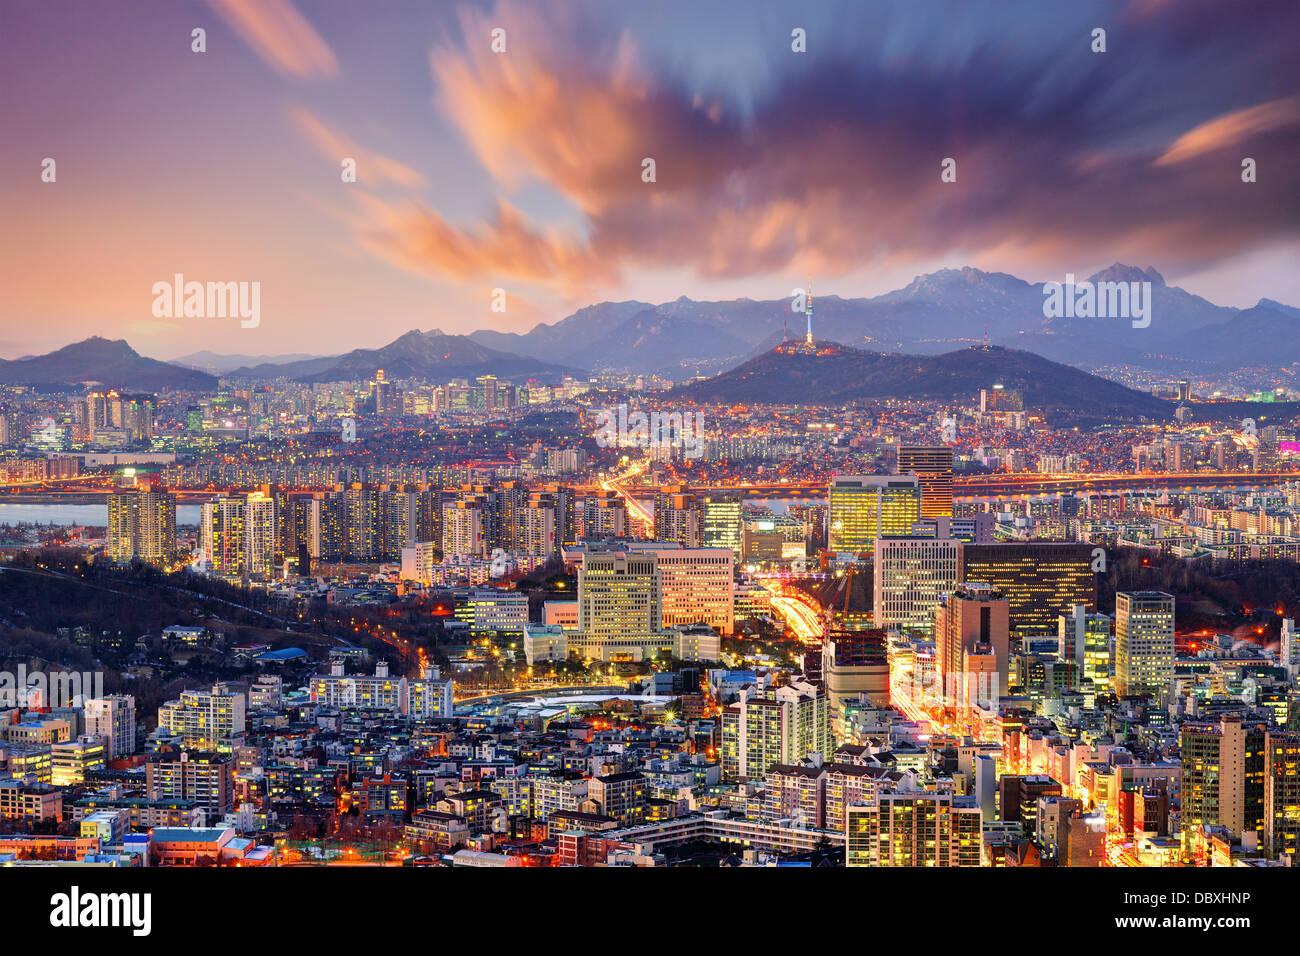 El centro de Seúl, Corea del Sur, Estados Unidos. Imagen De Stock